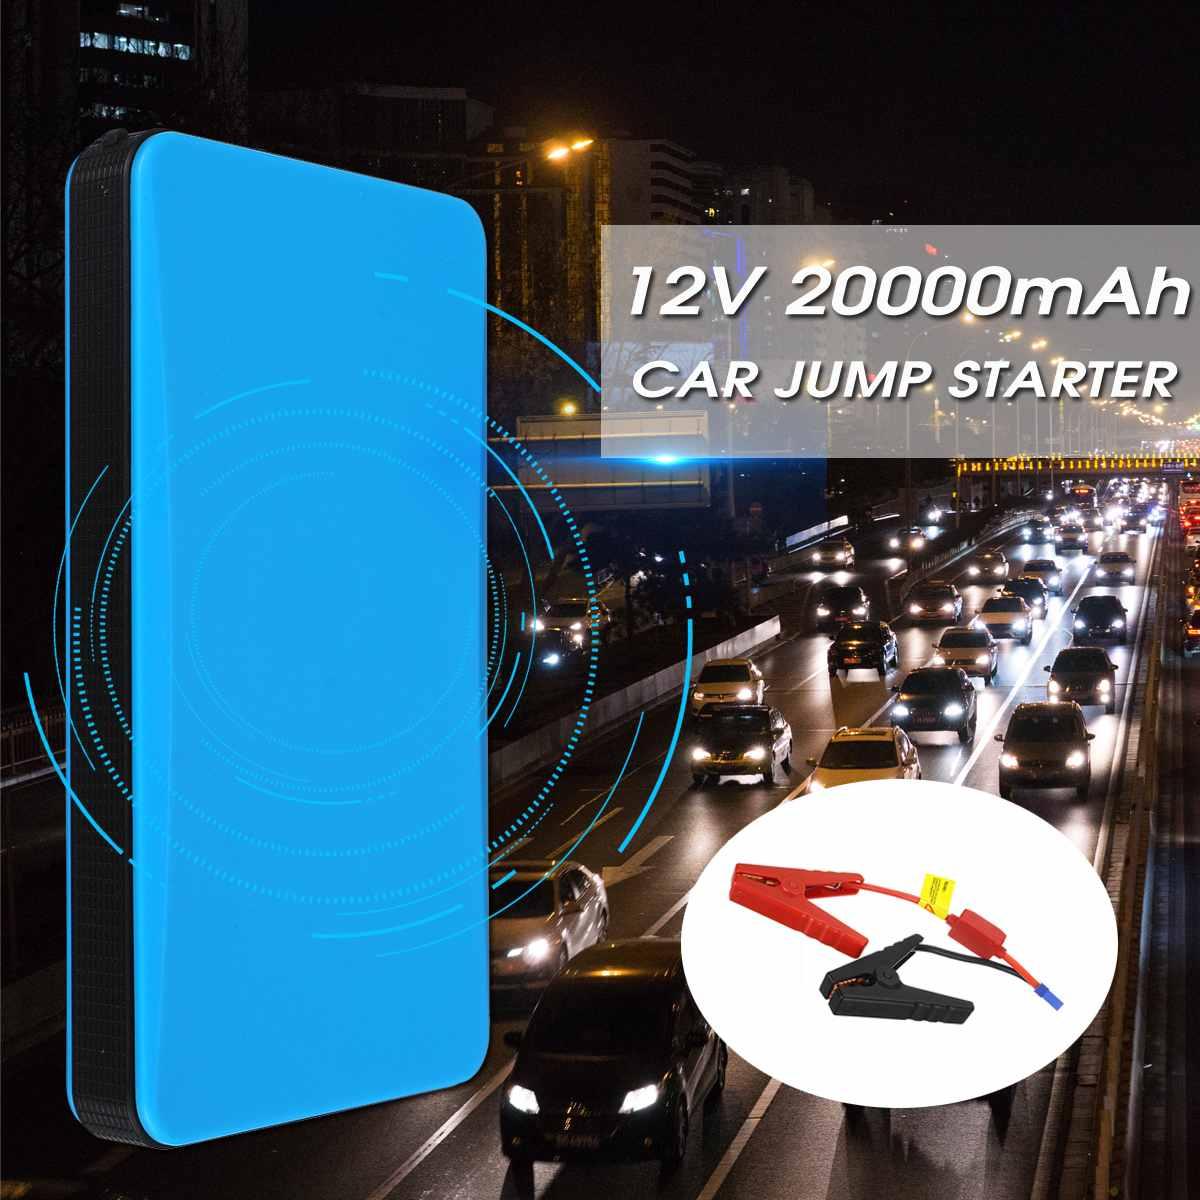 20000 mAh 12 V 200A 4USB Démarreur Voiture De Saut Booster Portable amplificateur de batterie De Voiture Chargeur chargeur portatif pour smartphone Starter Dispositif